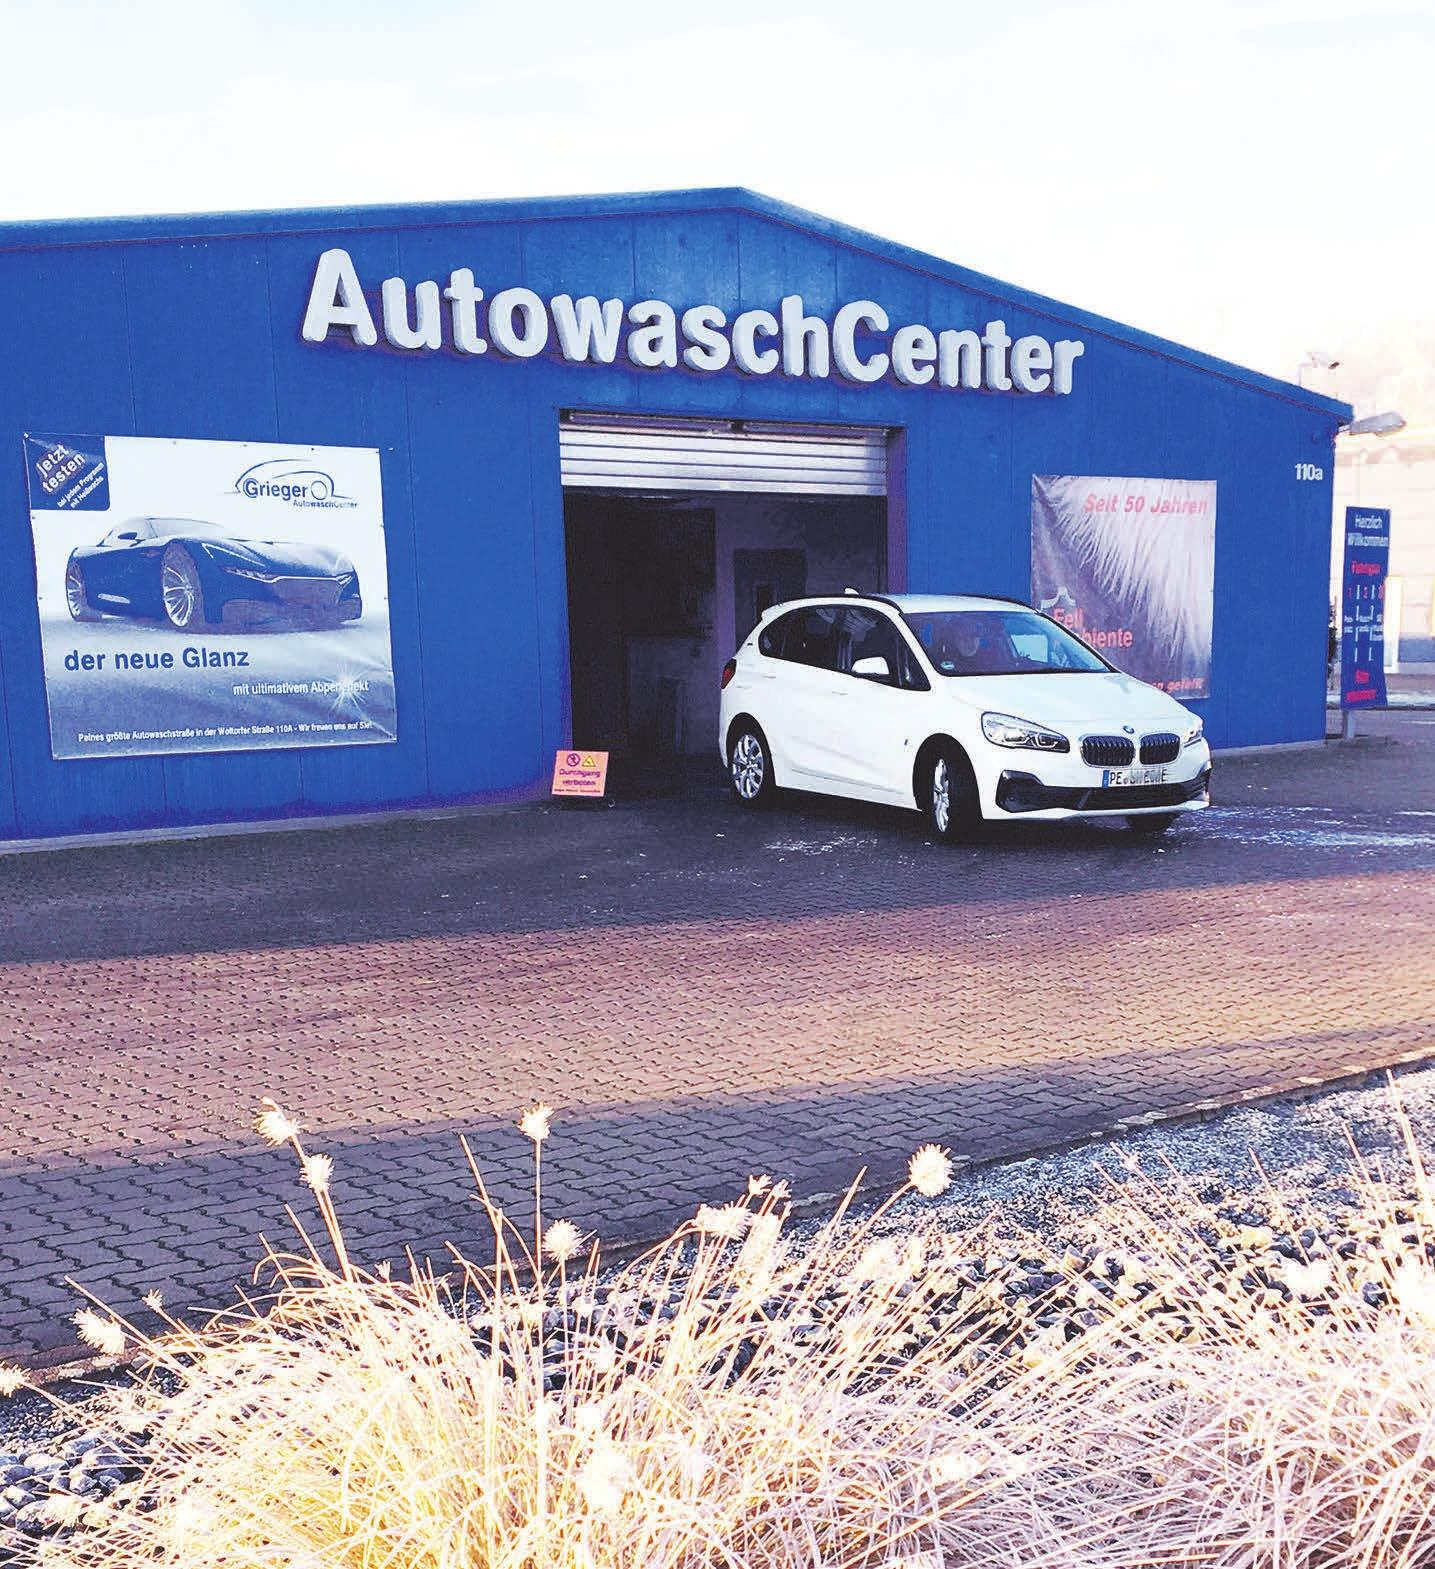 Neues Heißwachs setzt Maßstäbe im AutowaschCenter Grieger. Foto: privat